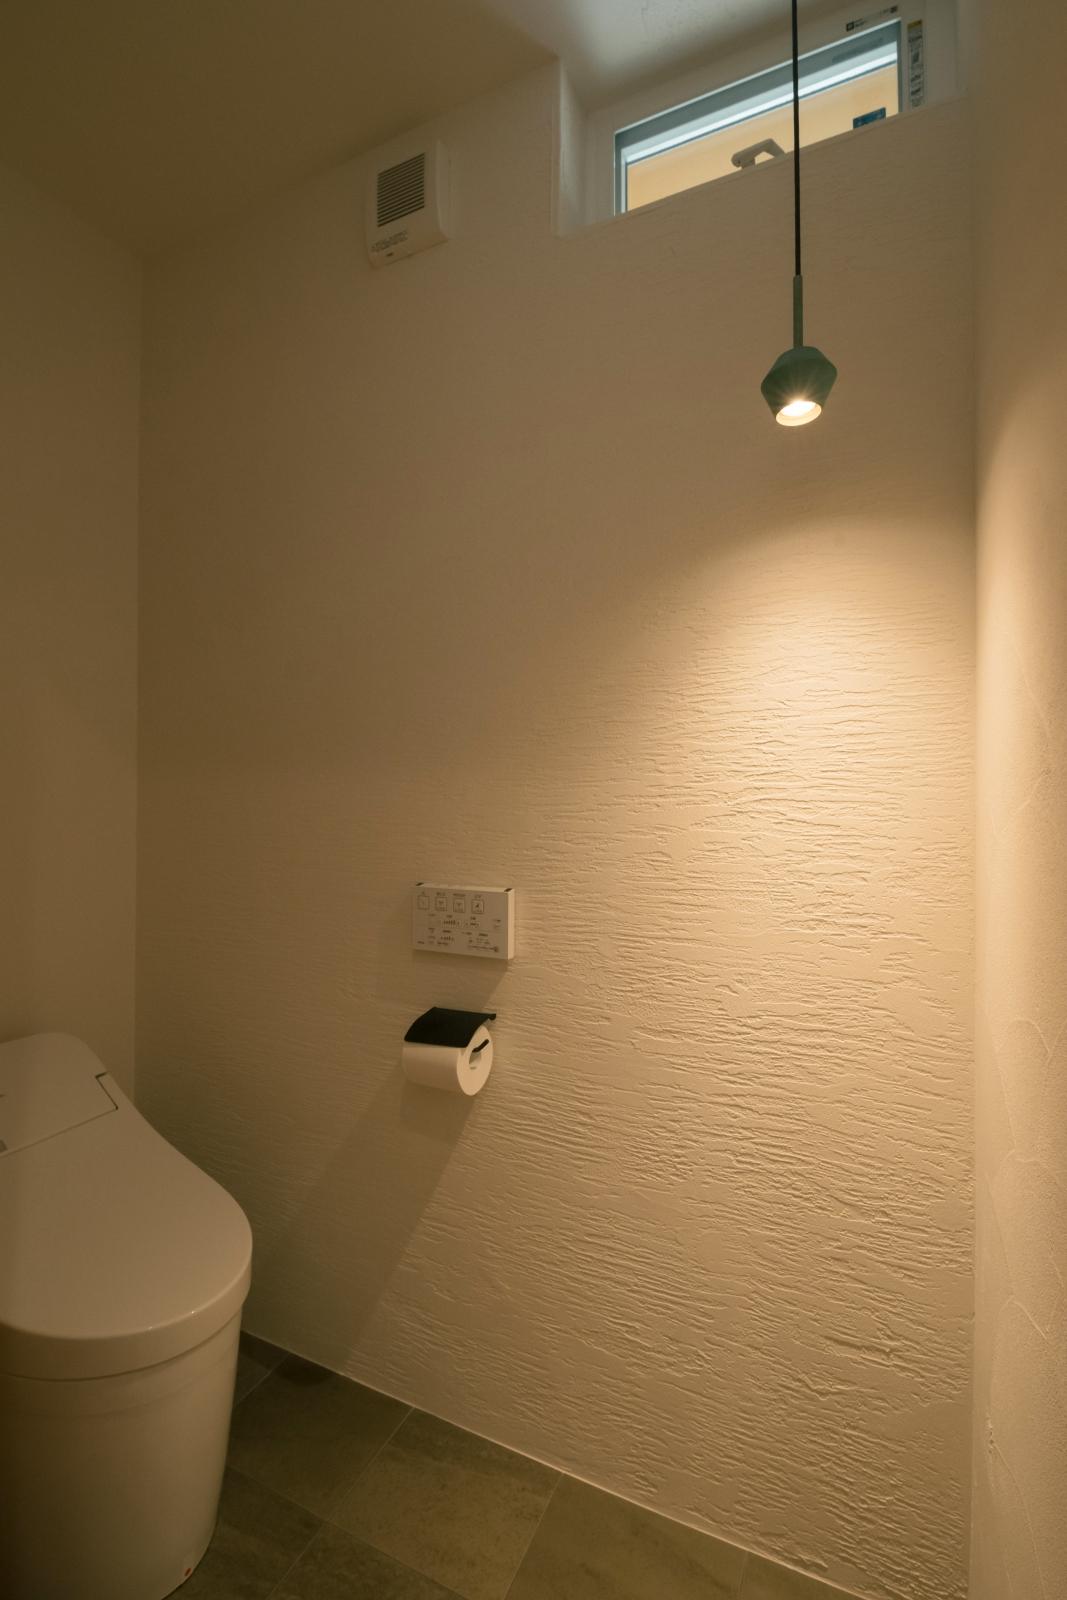 雰囲気のある照明と漆喰壁のトイレ